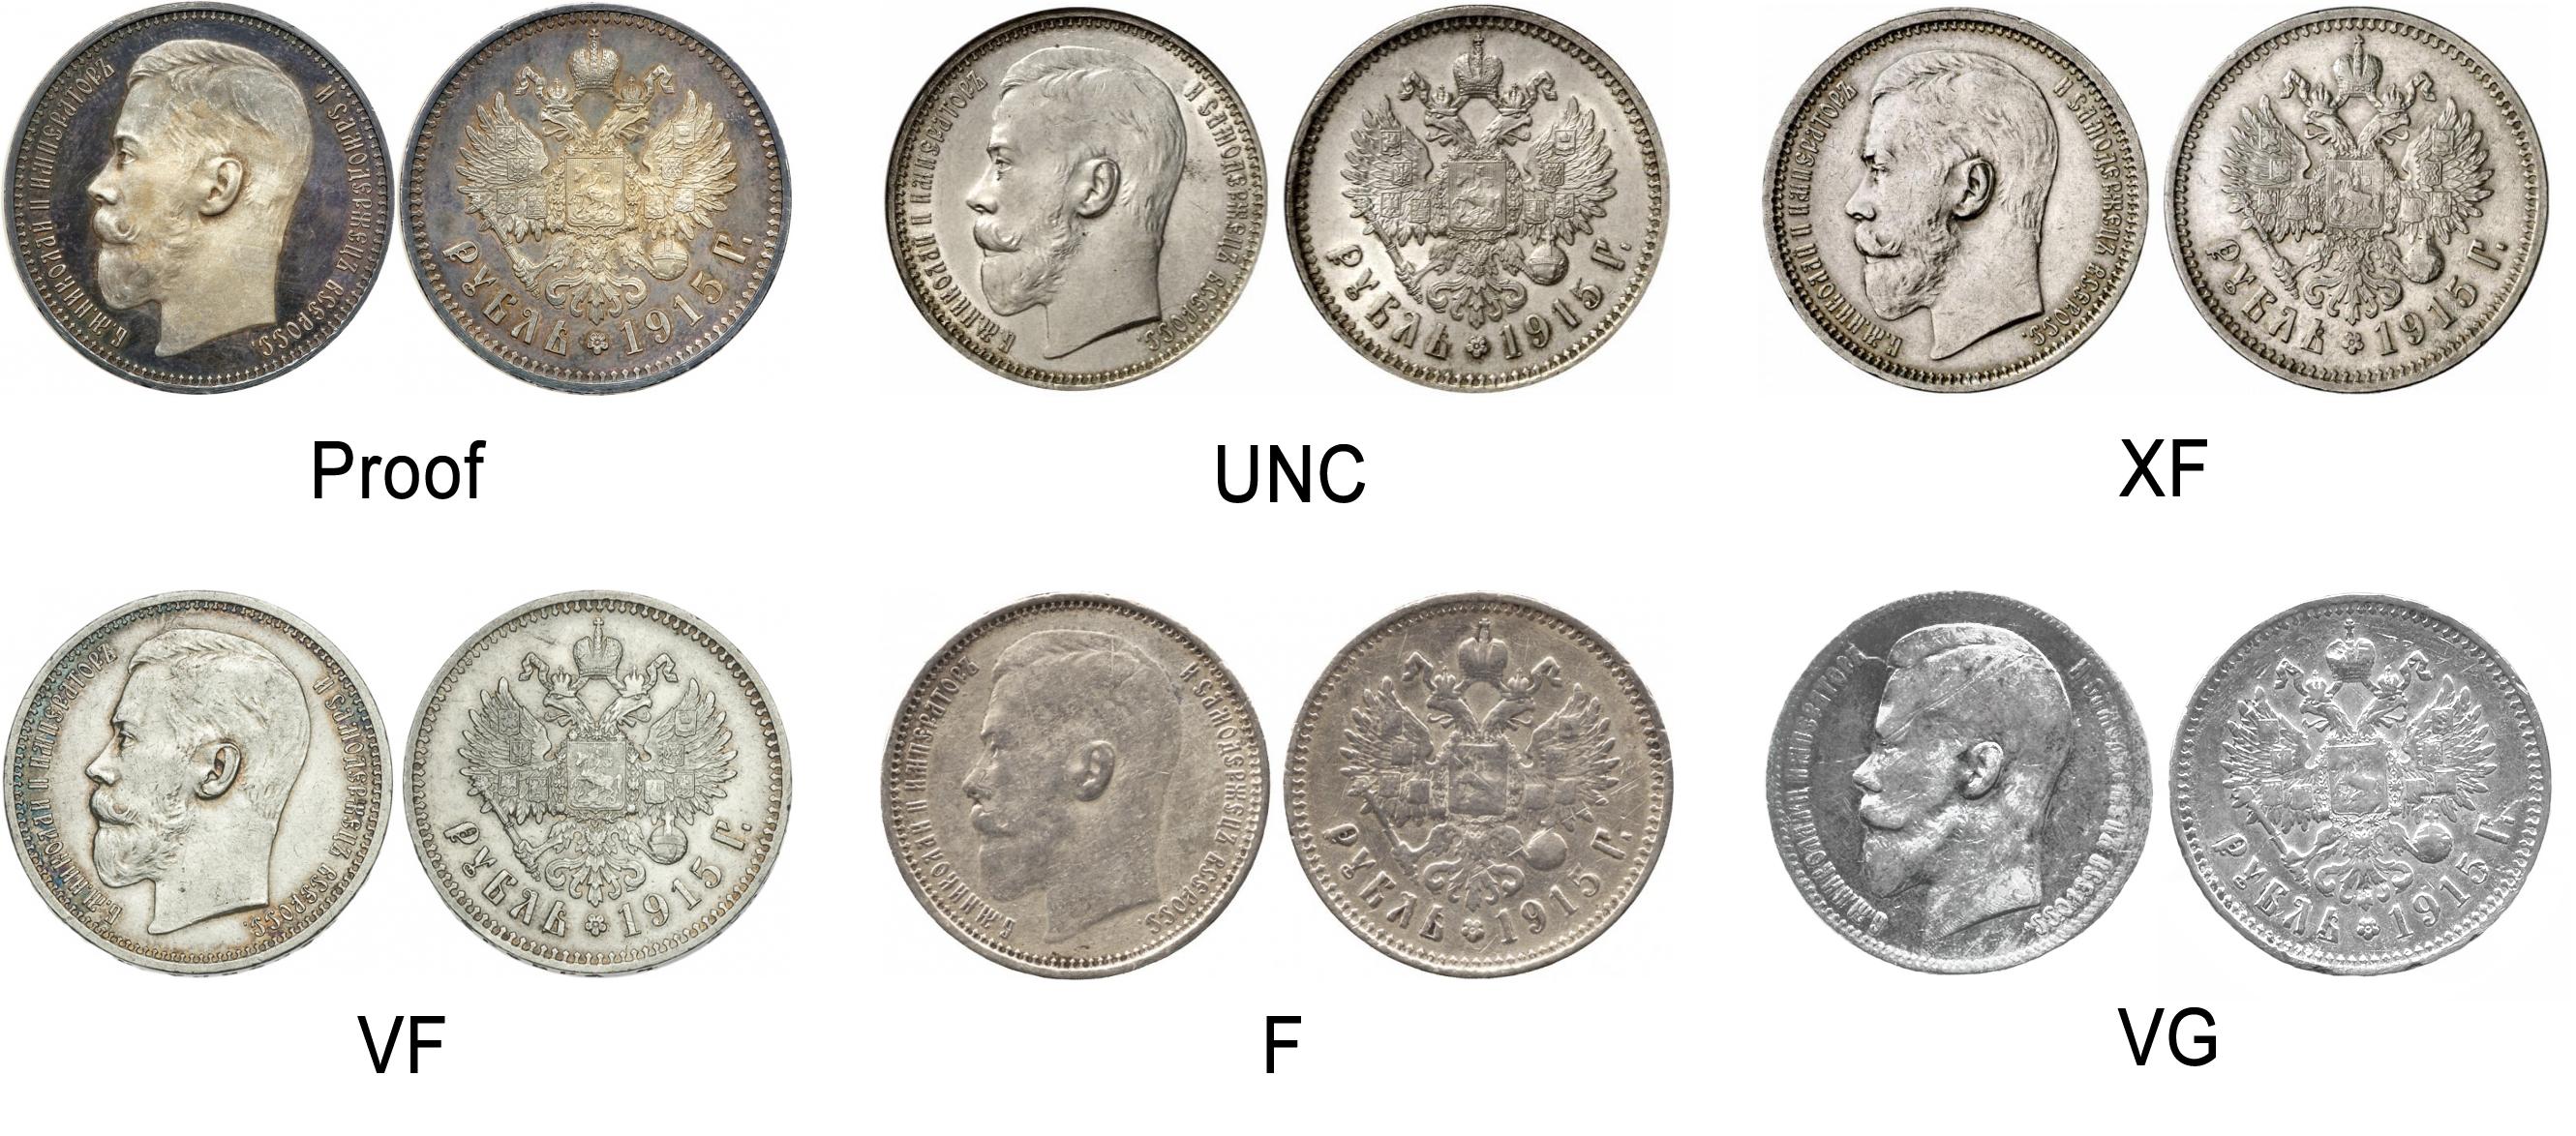 Сохранность монет зайти на форум